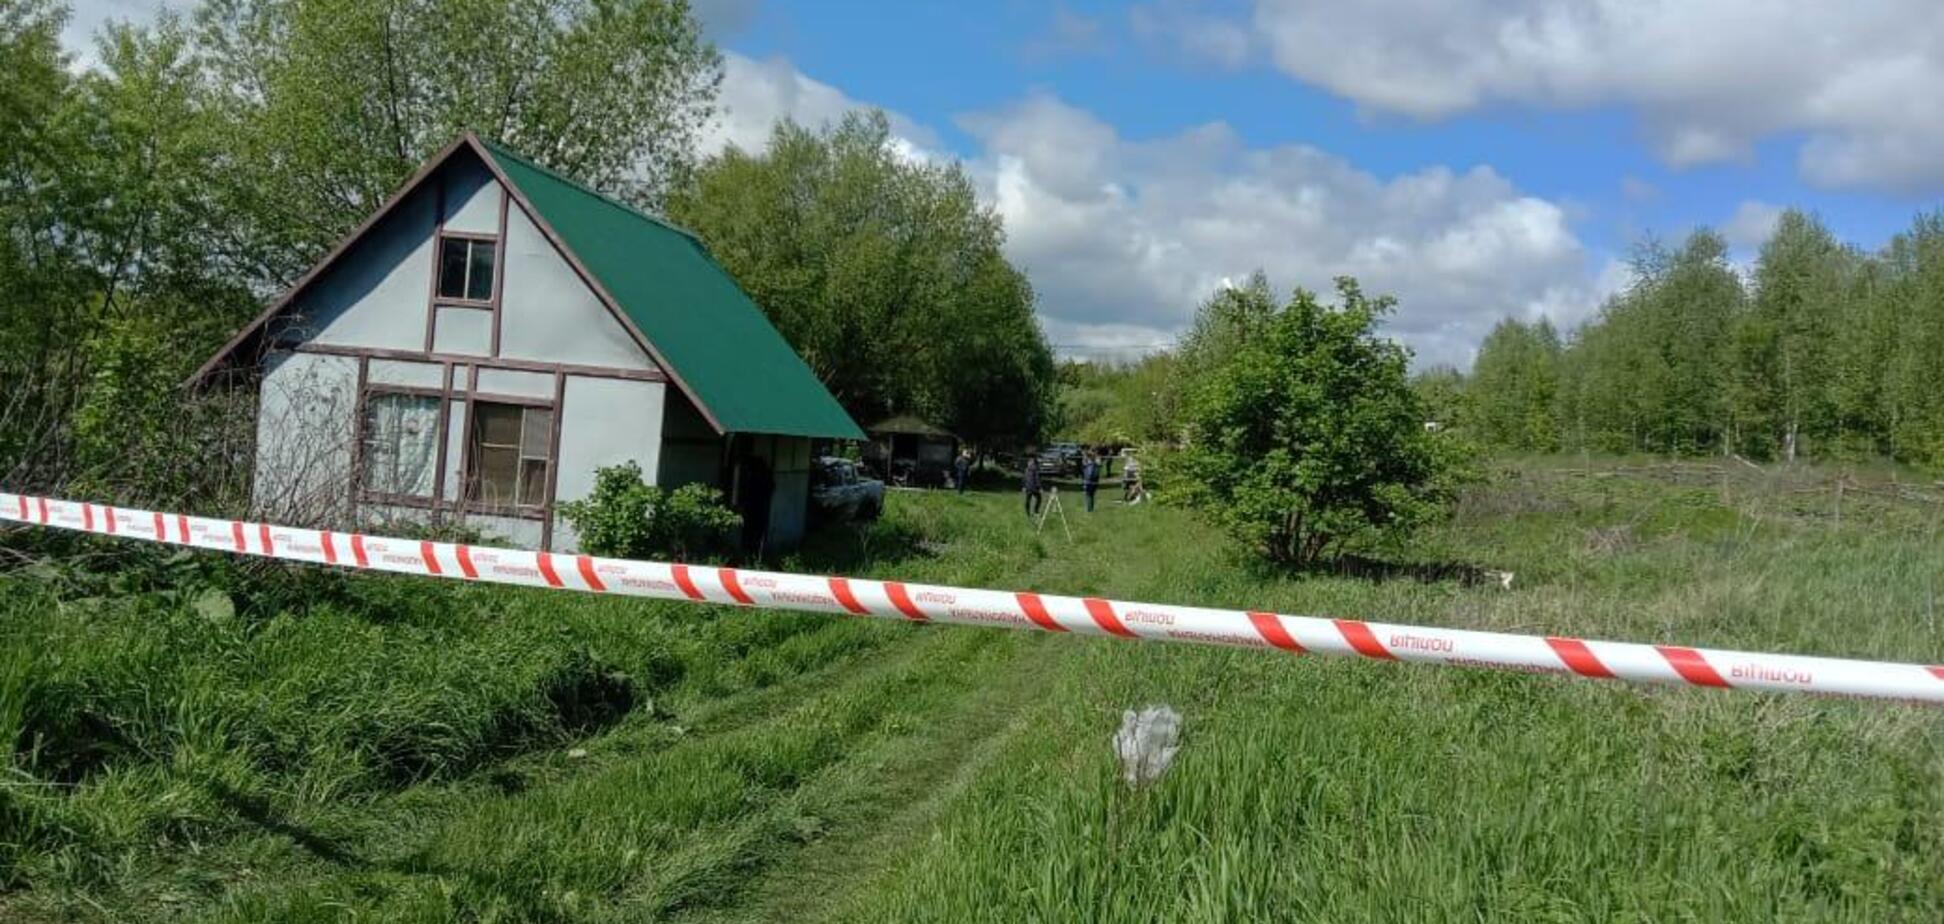 Убийство на Житомирщине: на месте нашли много оружия. Новые детали и фото